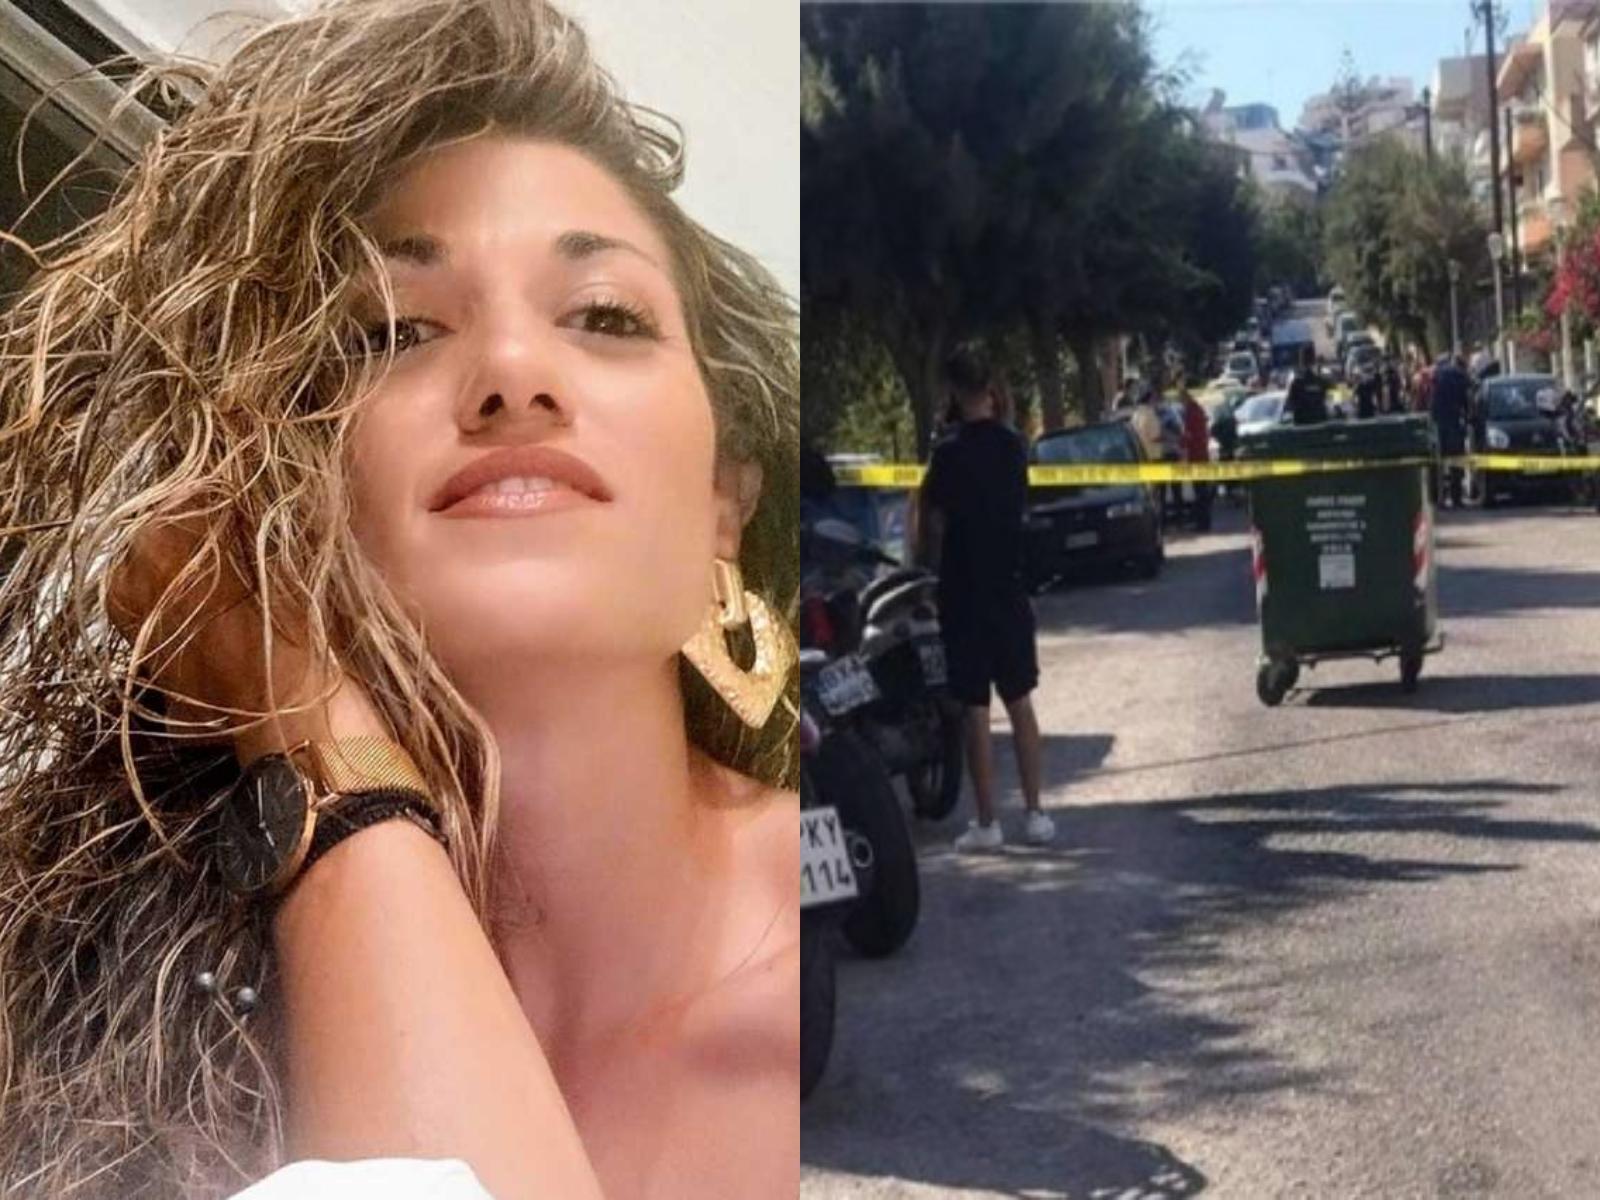 Δολοφονία στη Ρόδο: «Μαμά είναι τρελός»  Διαζευγμένος με παιδί ο γυναικοκτόνος